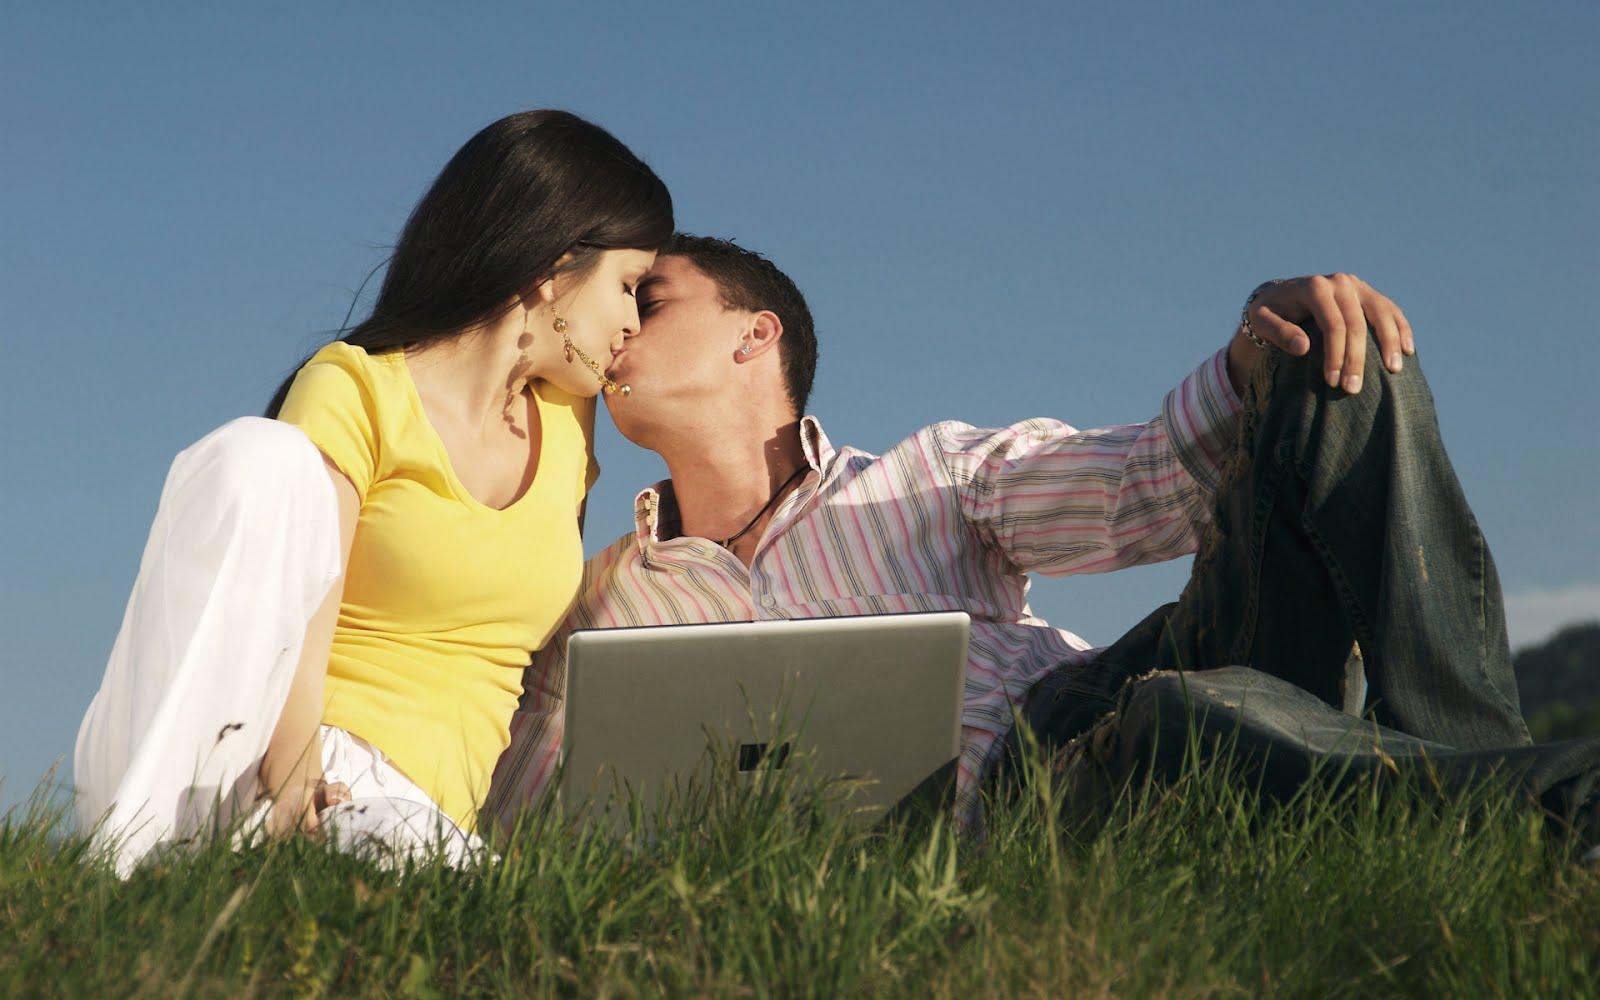 http://3.bp.blogspot.com/-NRmg4677plw/T17NdcUttmI/AAAAAAAACG4/t4abm-sJFA0/s1600/Romantic%2BCouples%2BWallpapers.jpg